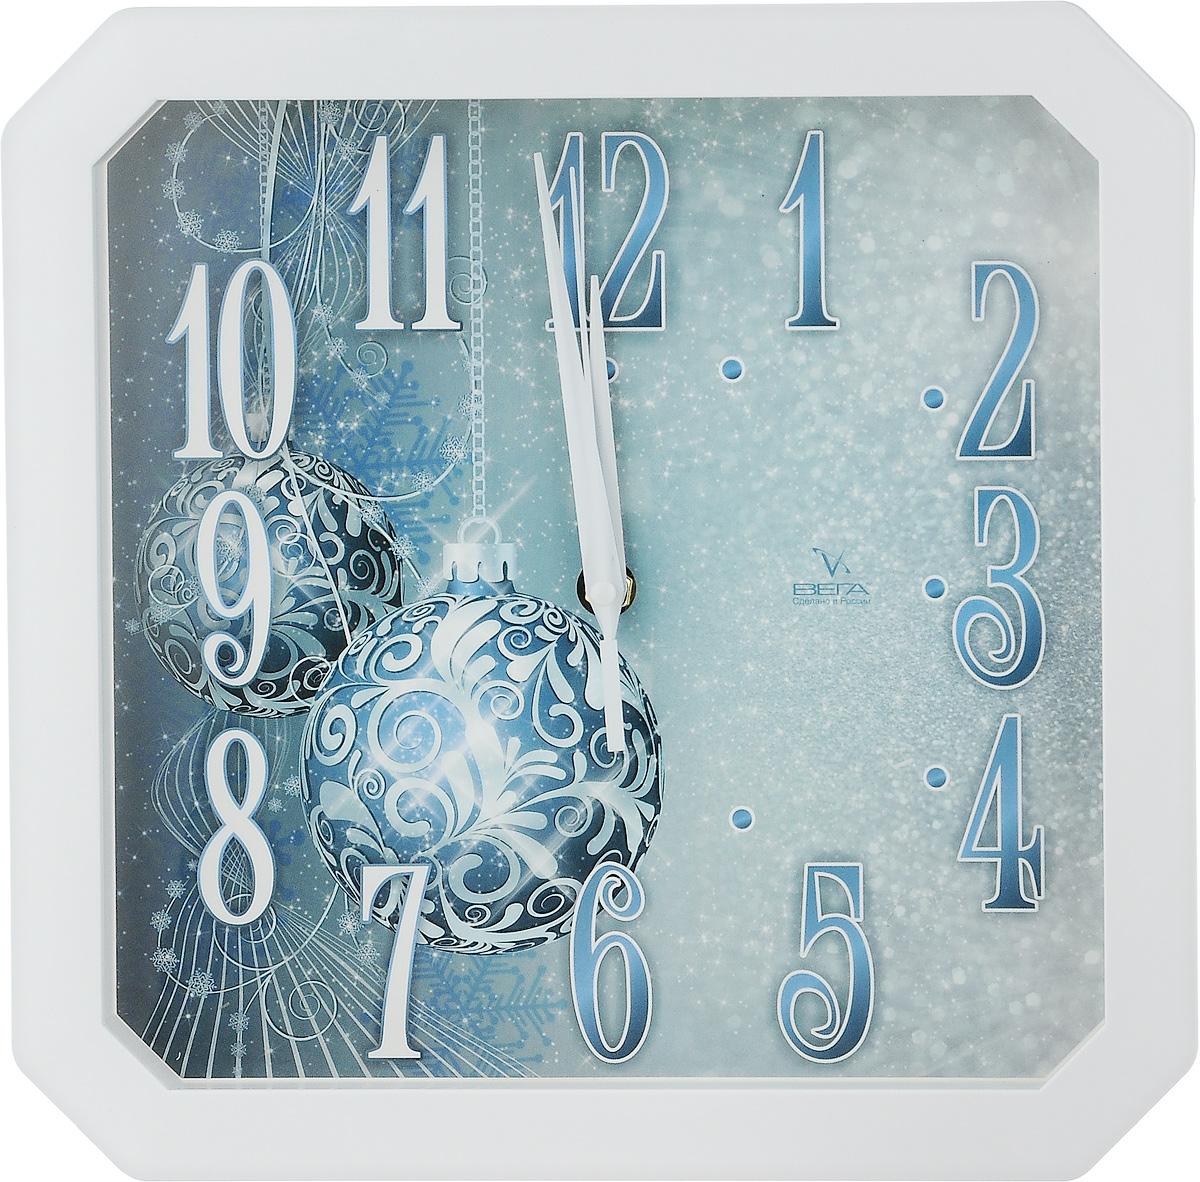 Часы настенные Вега Шары, 28 х 28 х 4 см94672Настенные кварцевые часы Вега Шары, изготовленные из пластика, прекрасно впишутся в интерьер вашего дома. Часы имеют три стрелки: часовую, минутную и секундную, циферблат защищен прозрачным стеклом. Часы работают от 1 батарейки типа АА напряжением 1,5 В (не входит в комплект).